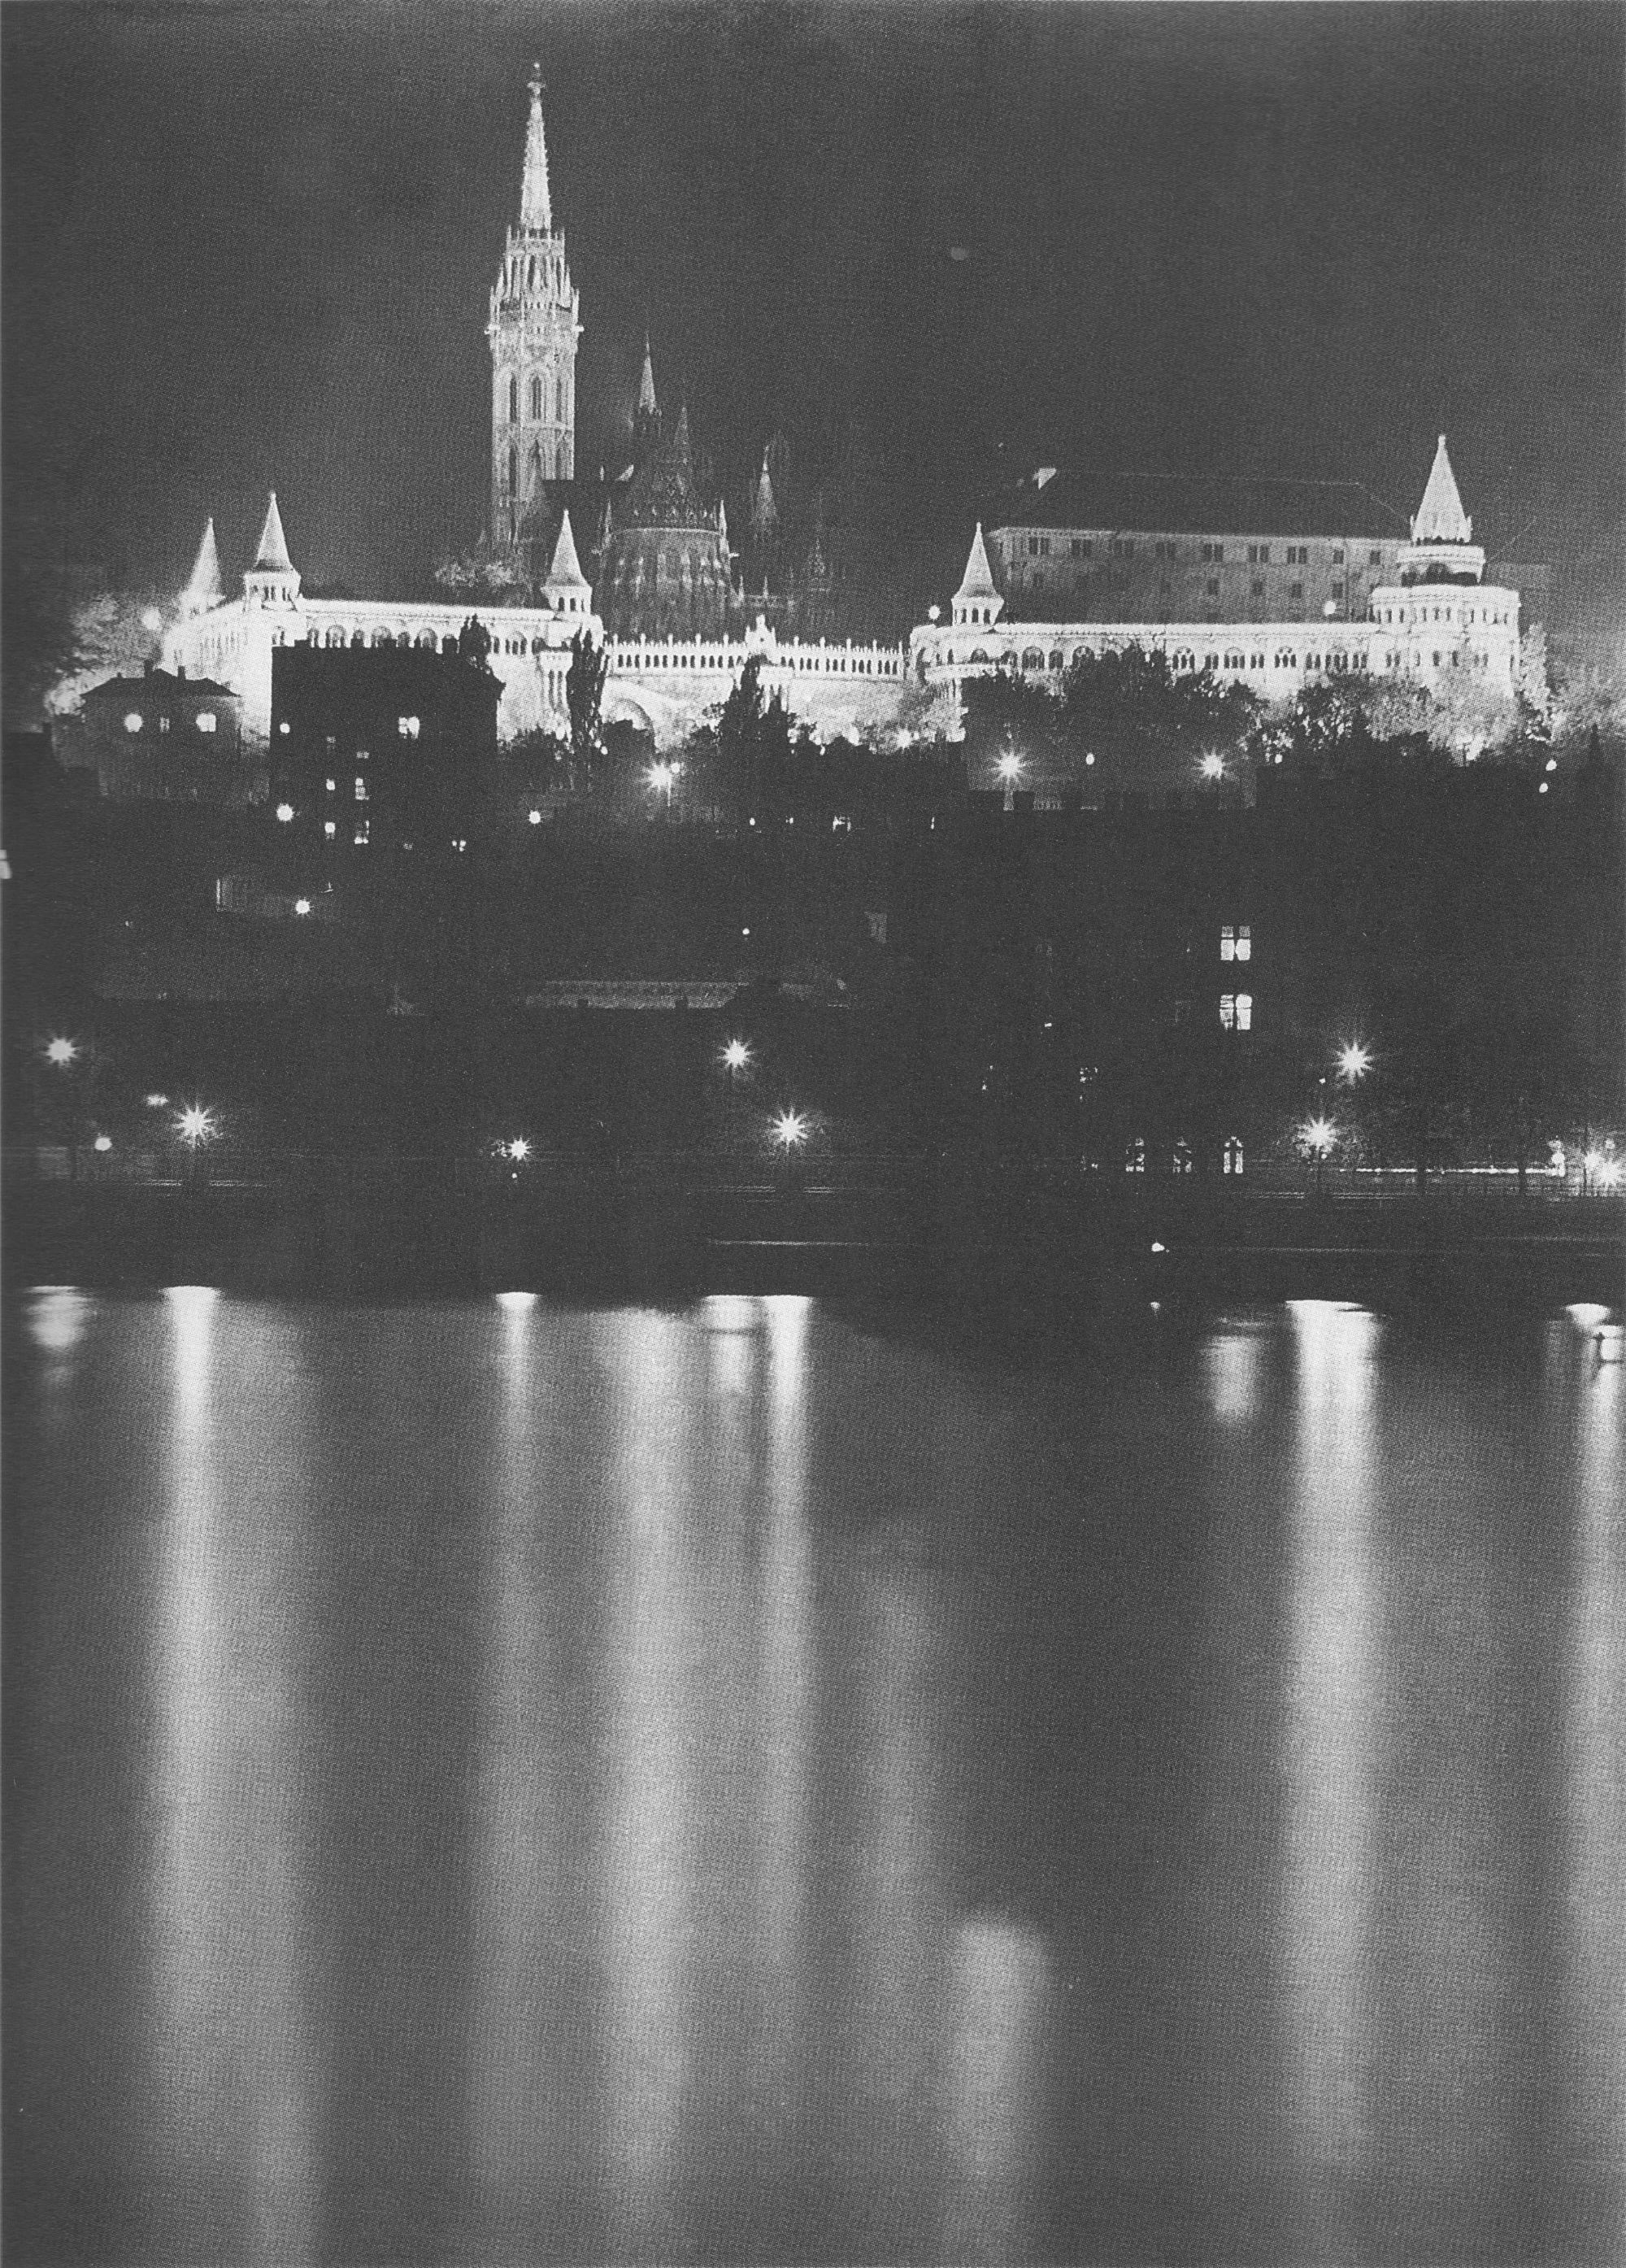 Fotó: Dulovits Jenő: A kivilágított Mátyás-templom és a Halászbástya Pestről, a Parlament melletti Duna-partról fényképezve, 1930-as évek eleje © Fejér Zoltán gyűjteménye